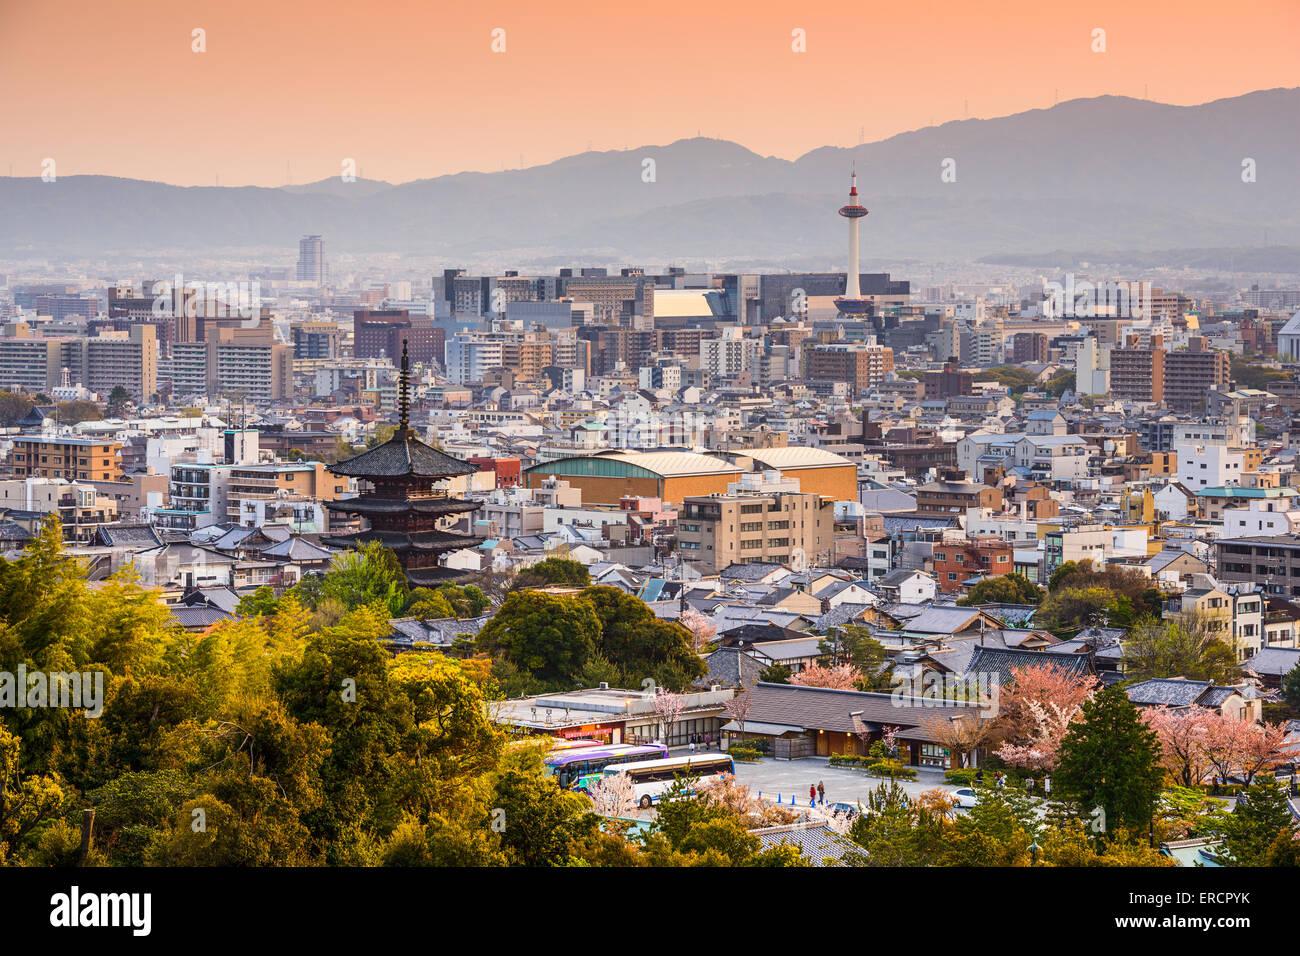 Kyoto, Giappone skyline della citta' al tramonto. Immagini Stock